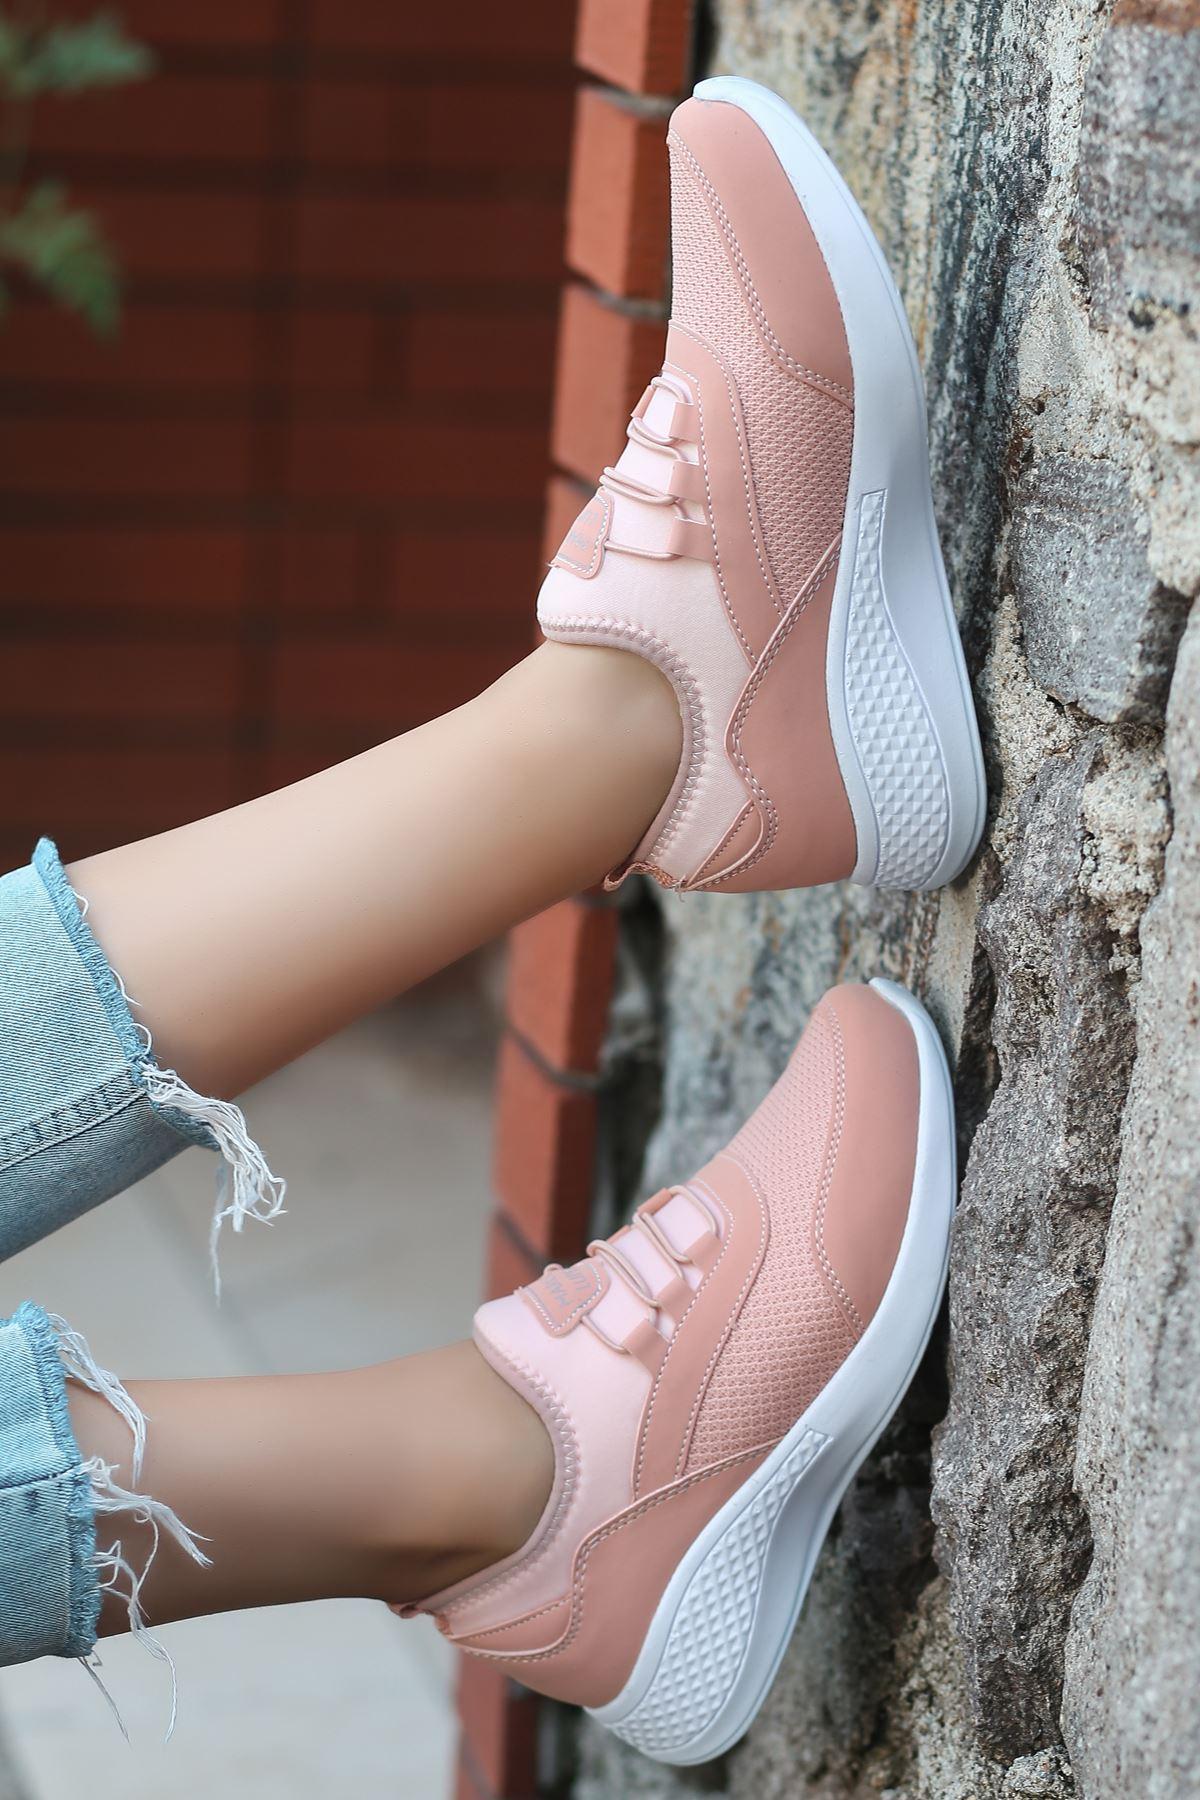 Armenno File Detay Pudra Kadın Spor Ayakkabı